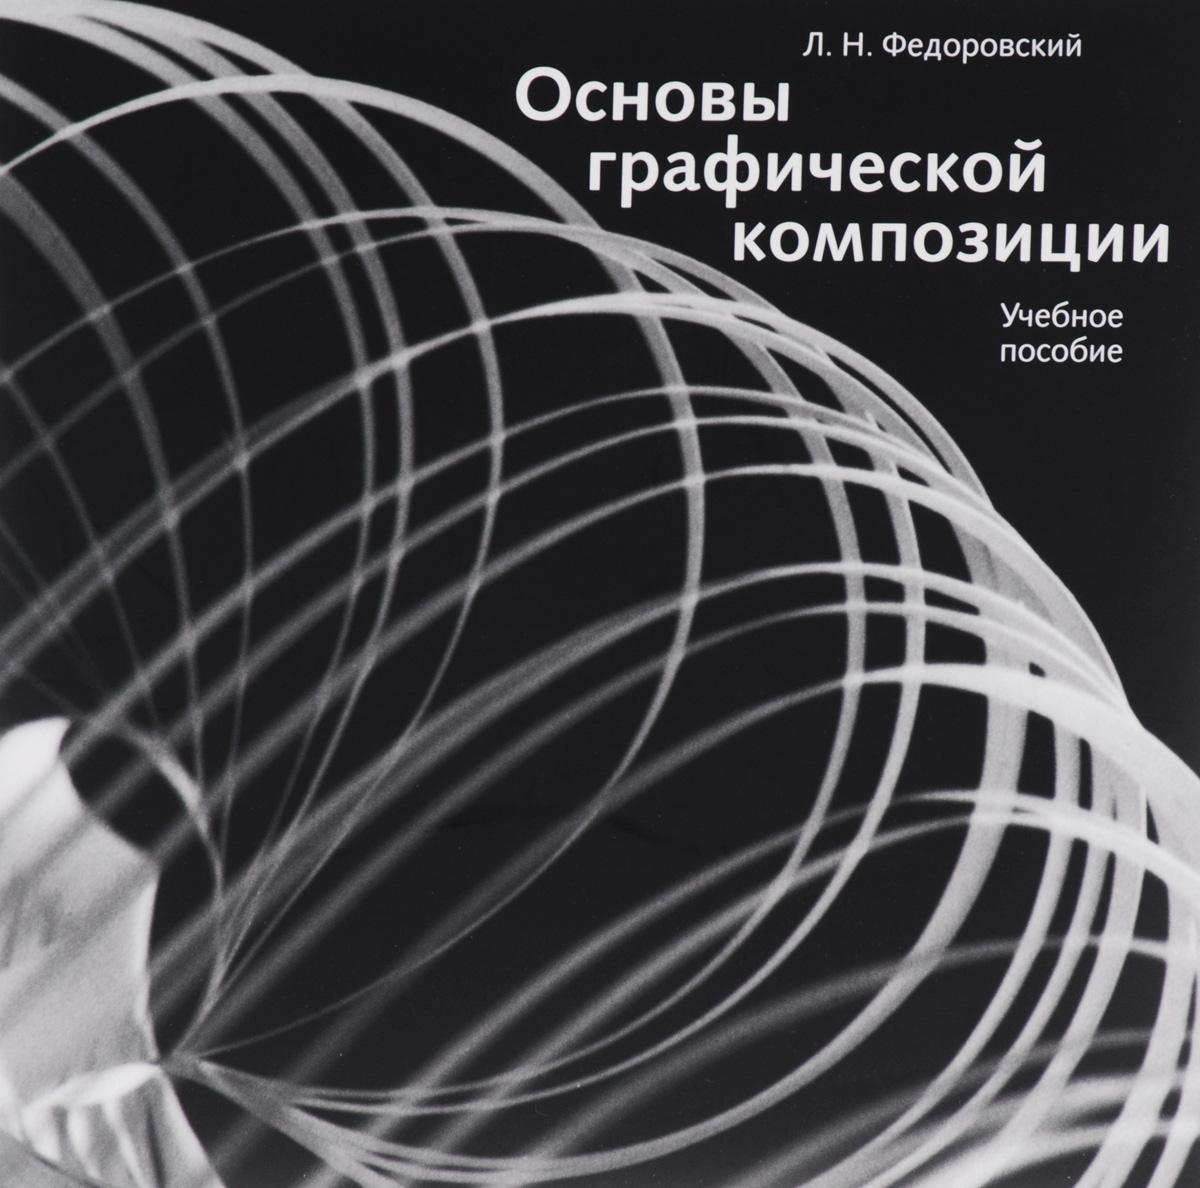 Л. Н. Федоровский Основы графической композиции. Учебное пособие